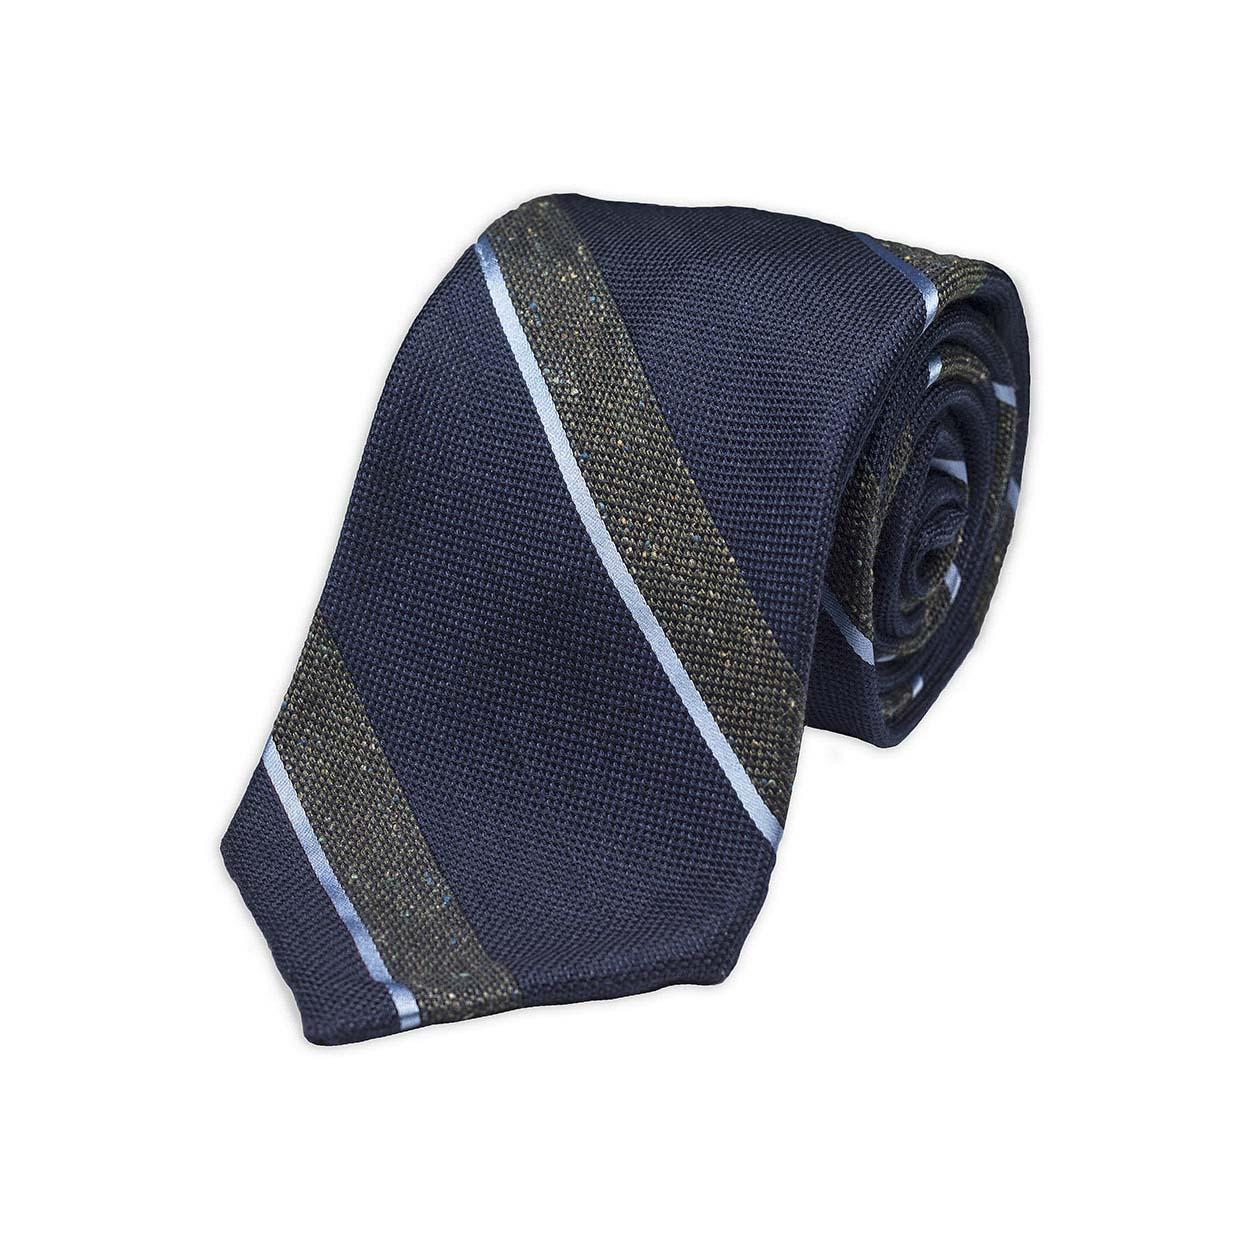 Μπλε Πράσινη Ριγέ Υφαντή Μεταξωτή Γραβάτα